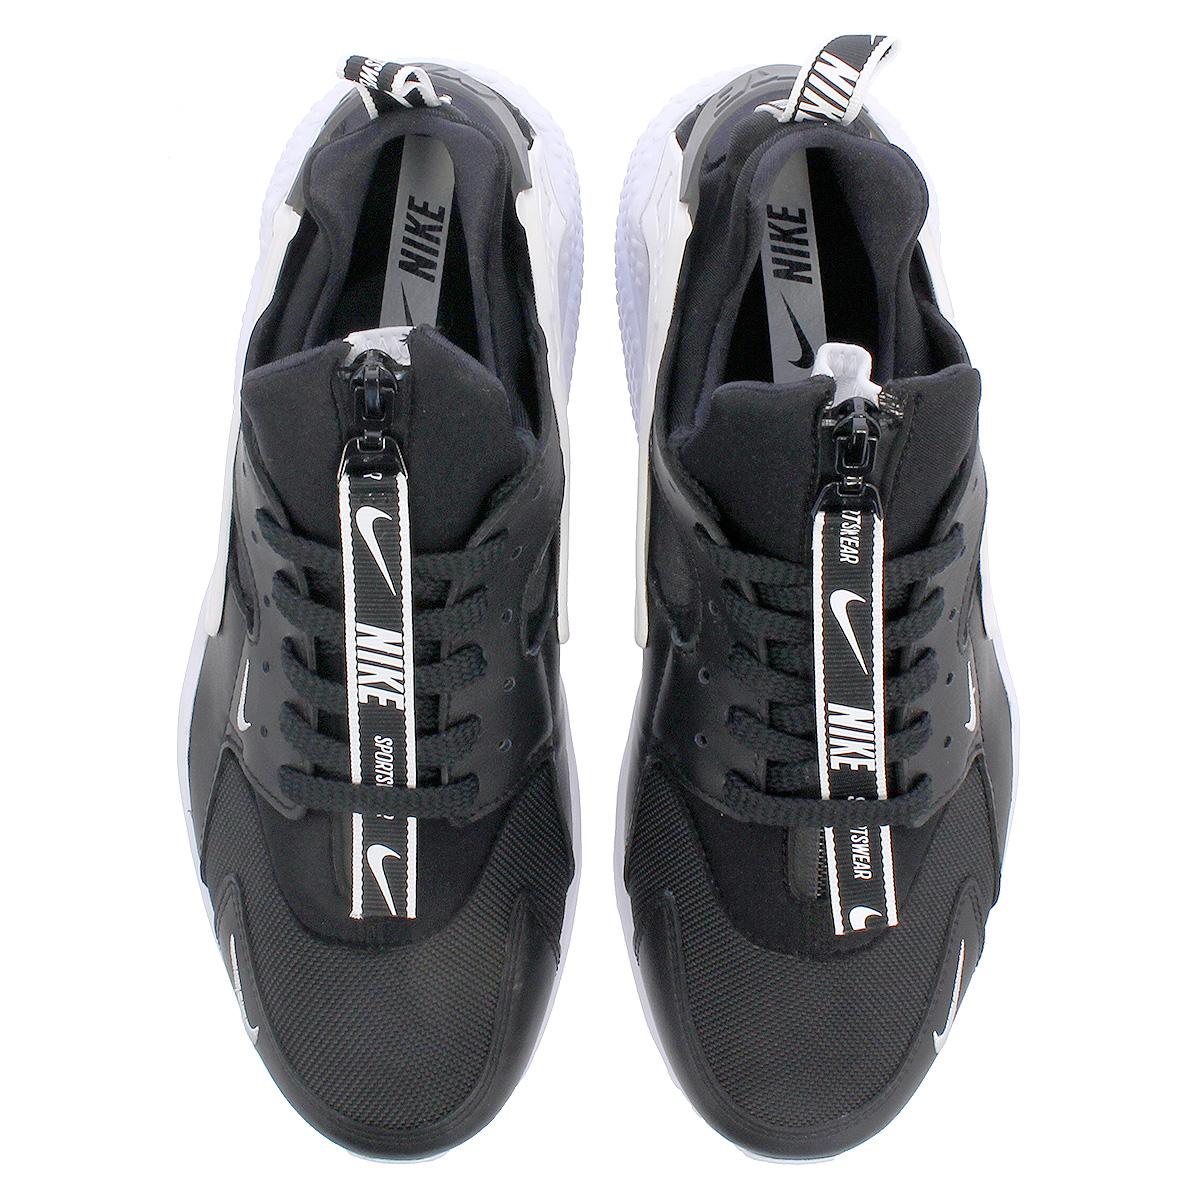 NIKE AIR HUARACHE RUN PRM ZIP ナイキエアハラチランプレミアムジップ BLACKBLACKWHITE bq6164 001